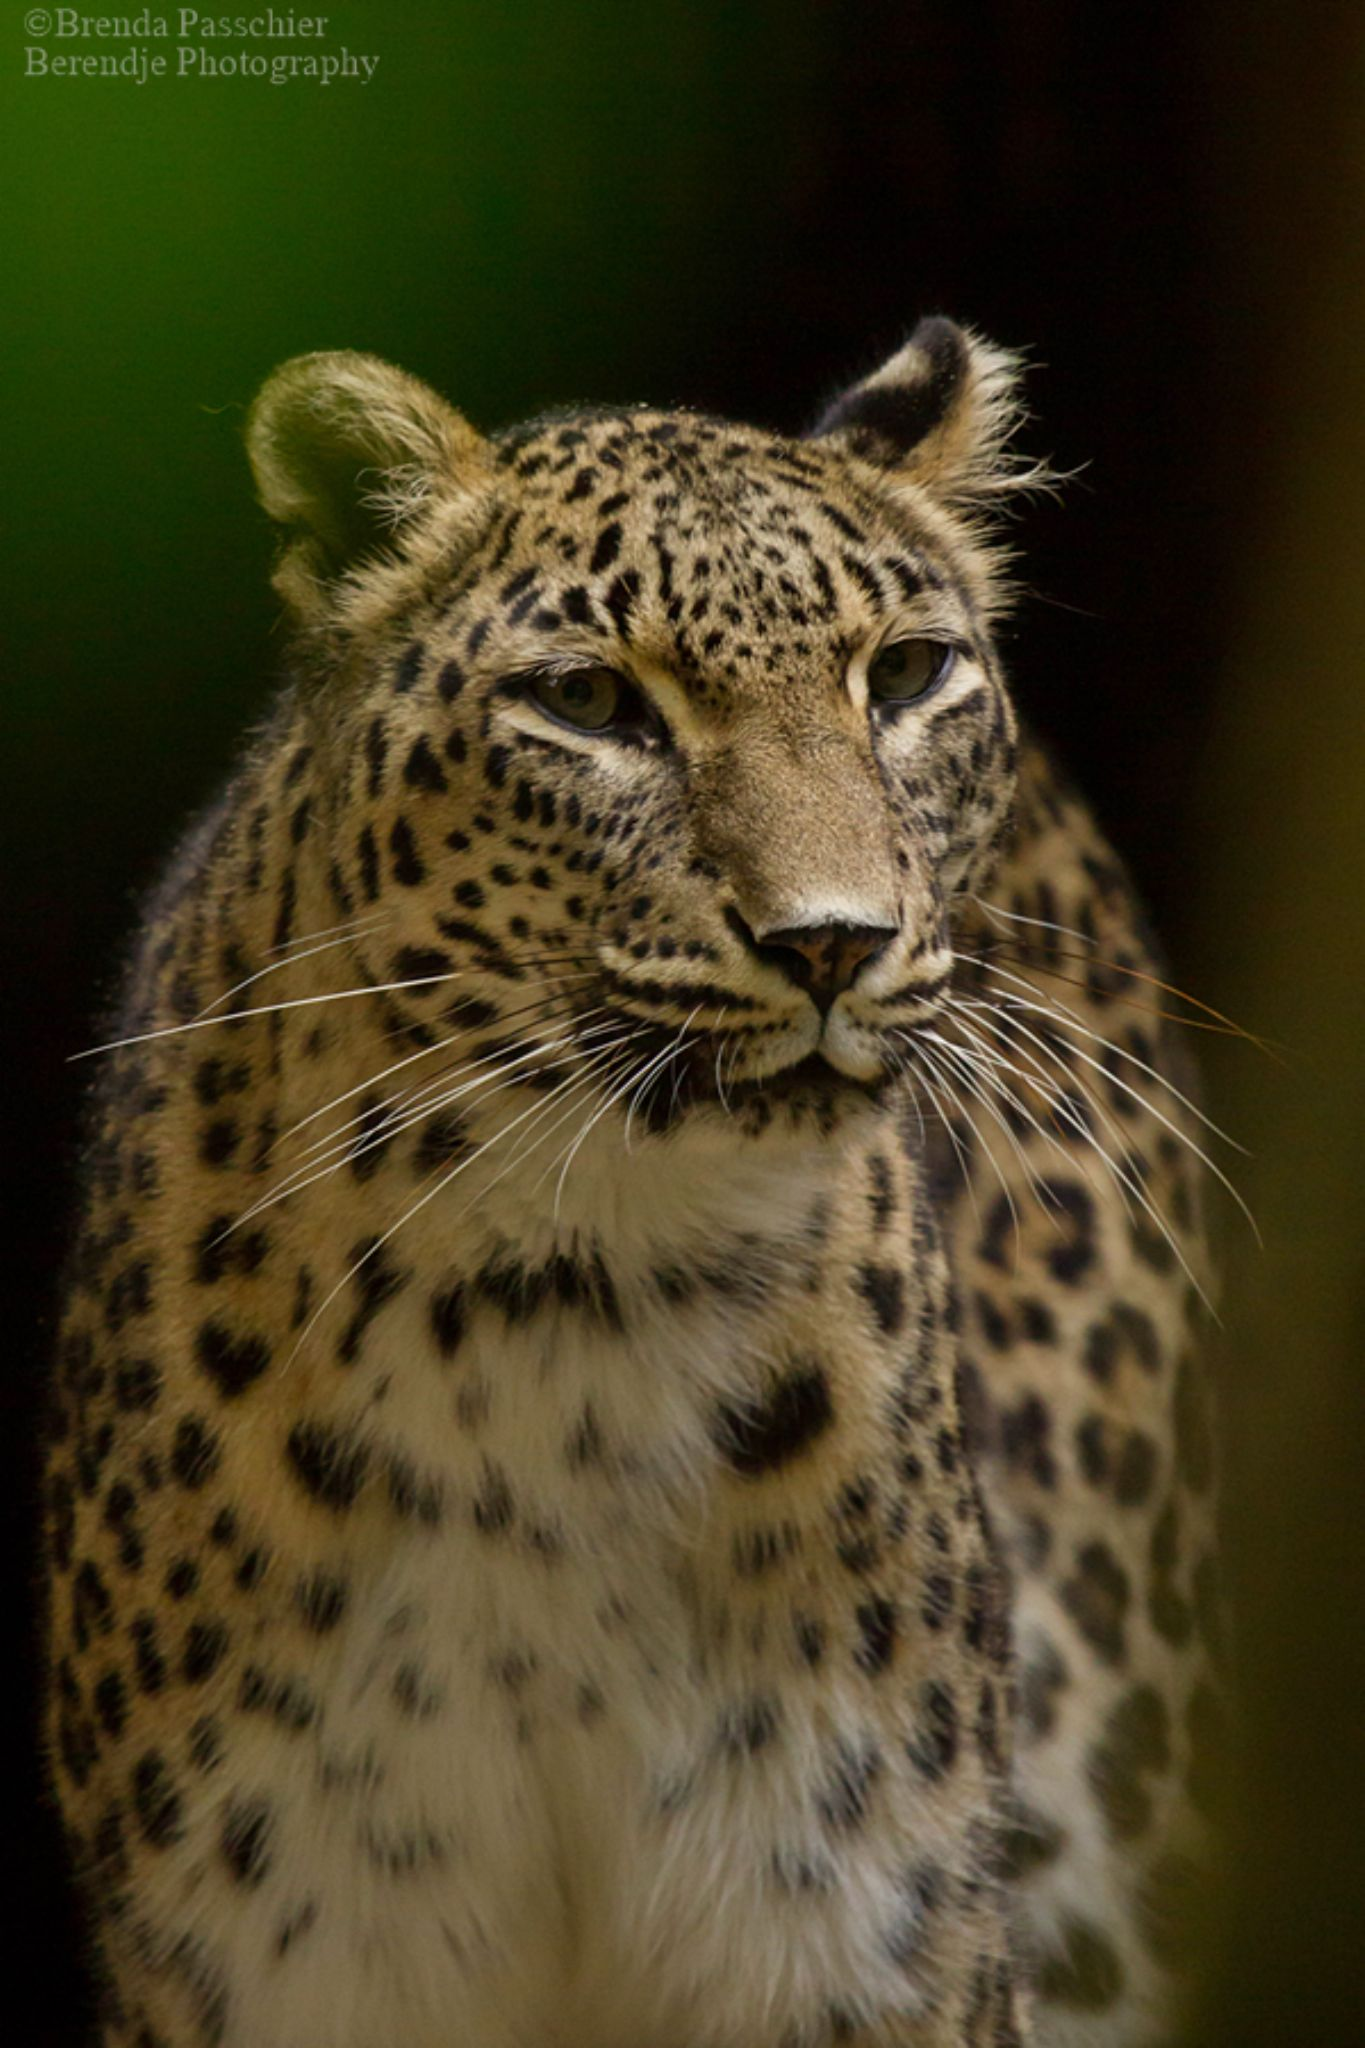 Persian leopard by Brenda Passchier